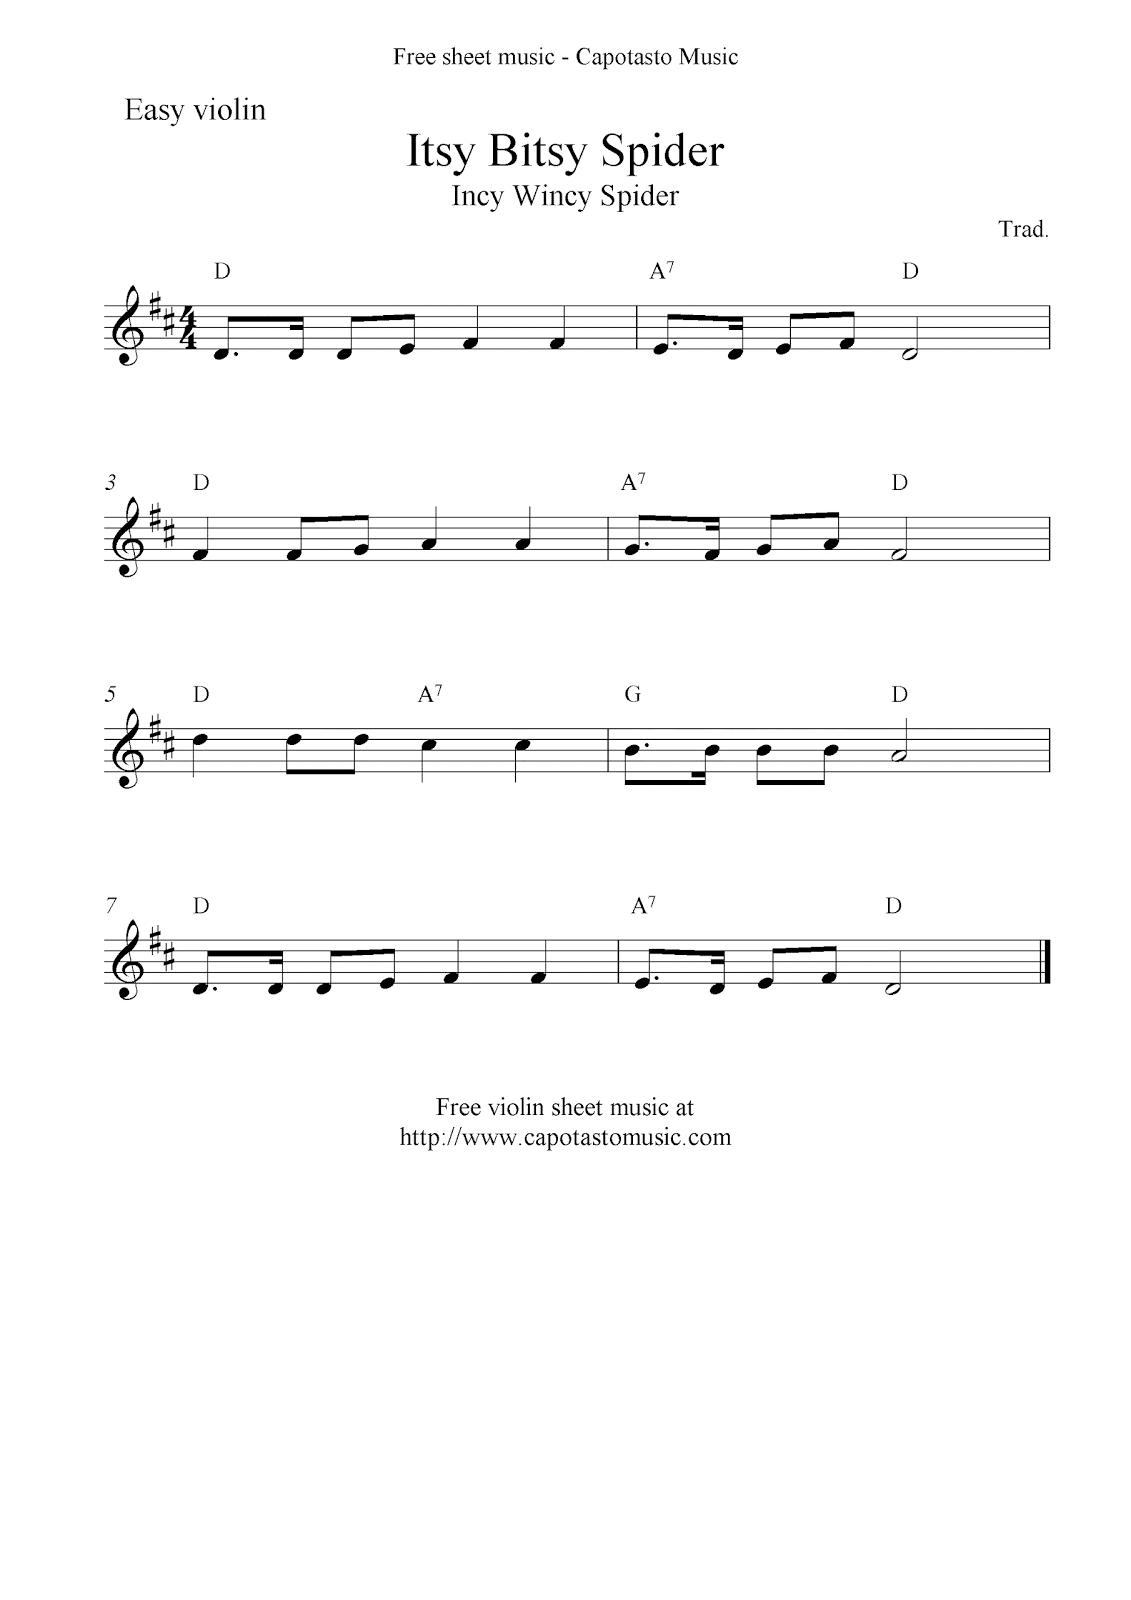 itsy bitsy spider lyrics pdf